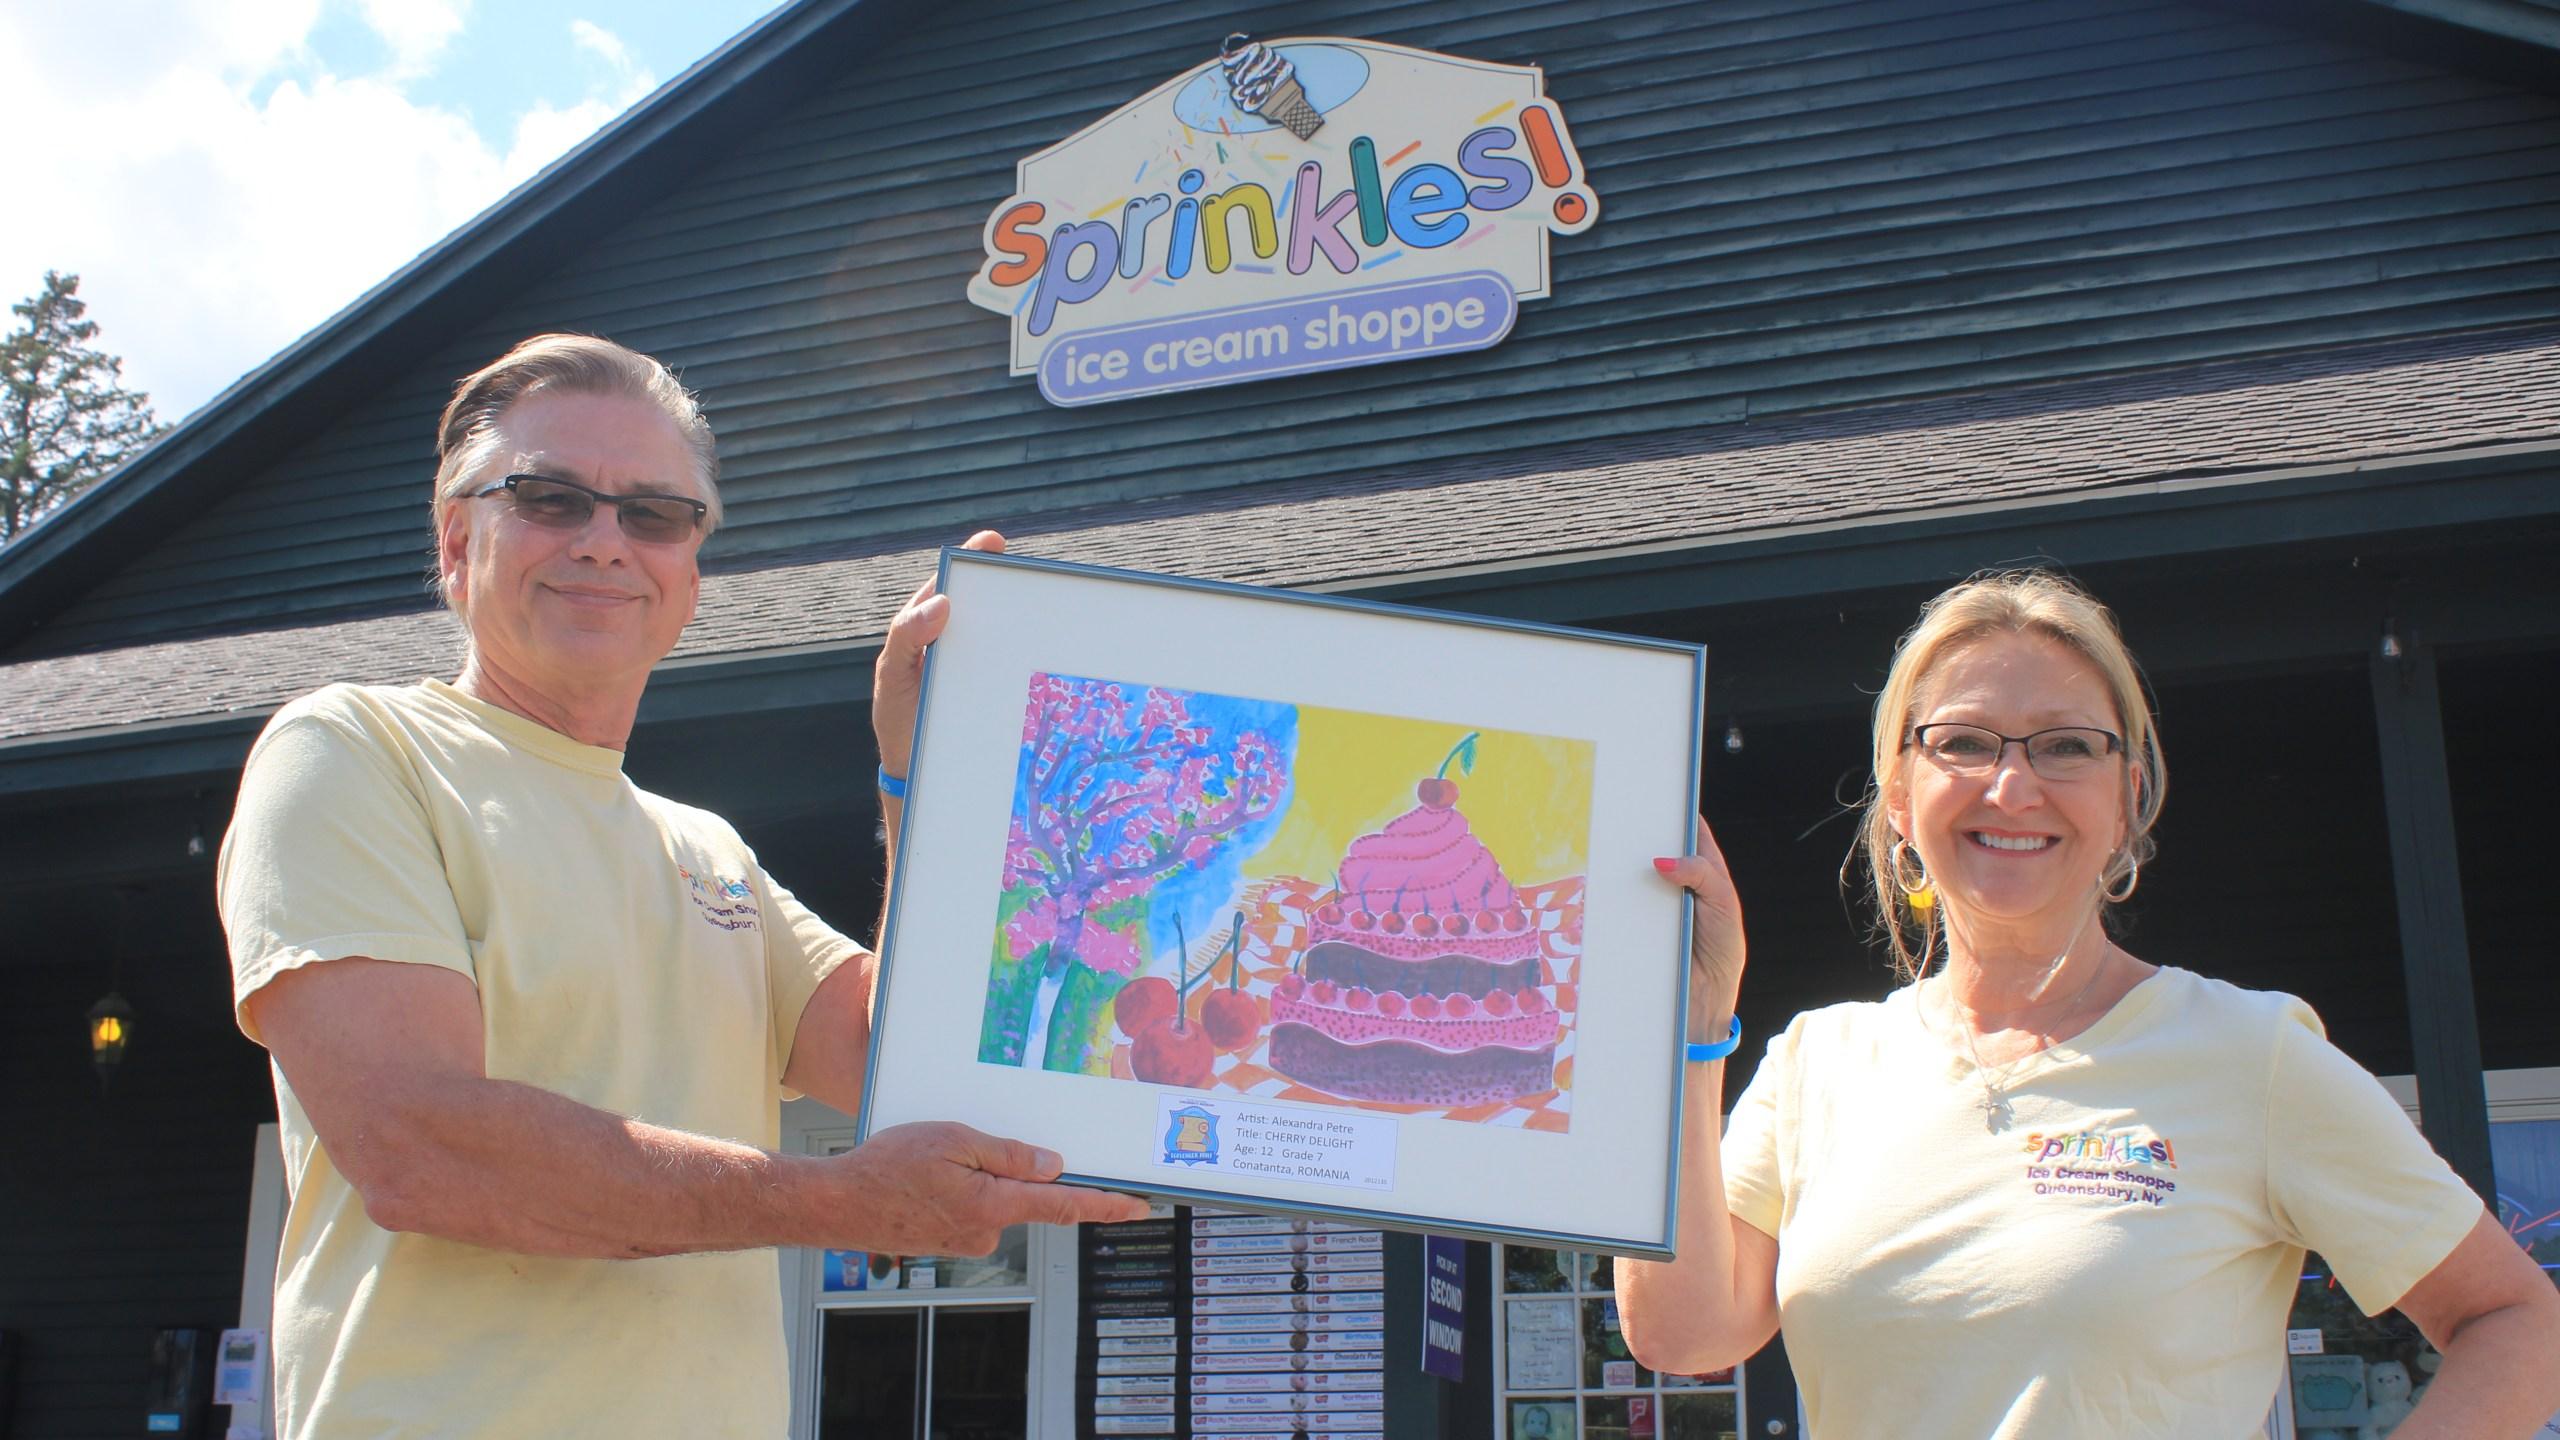 Sprinkles world awareness childrens museum scavenger hunt